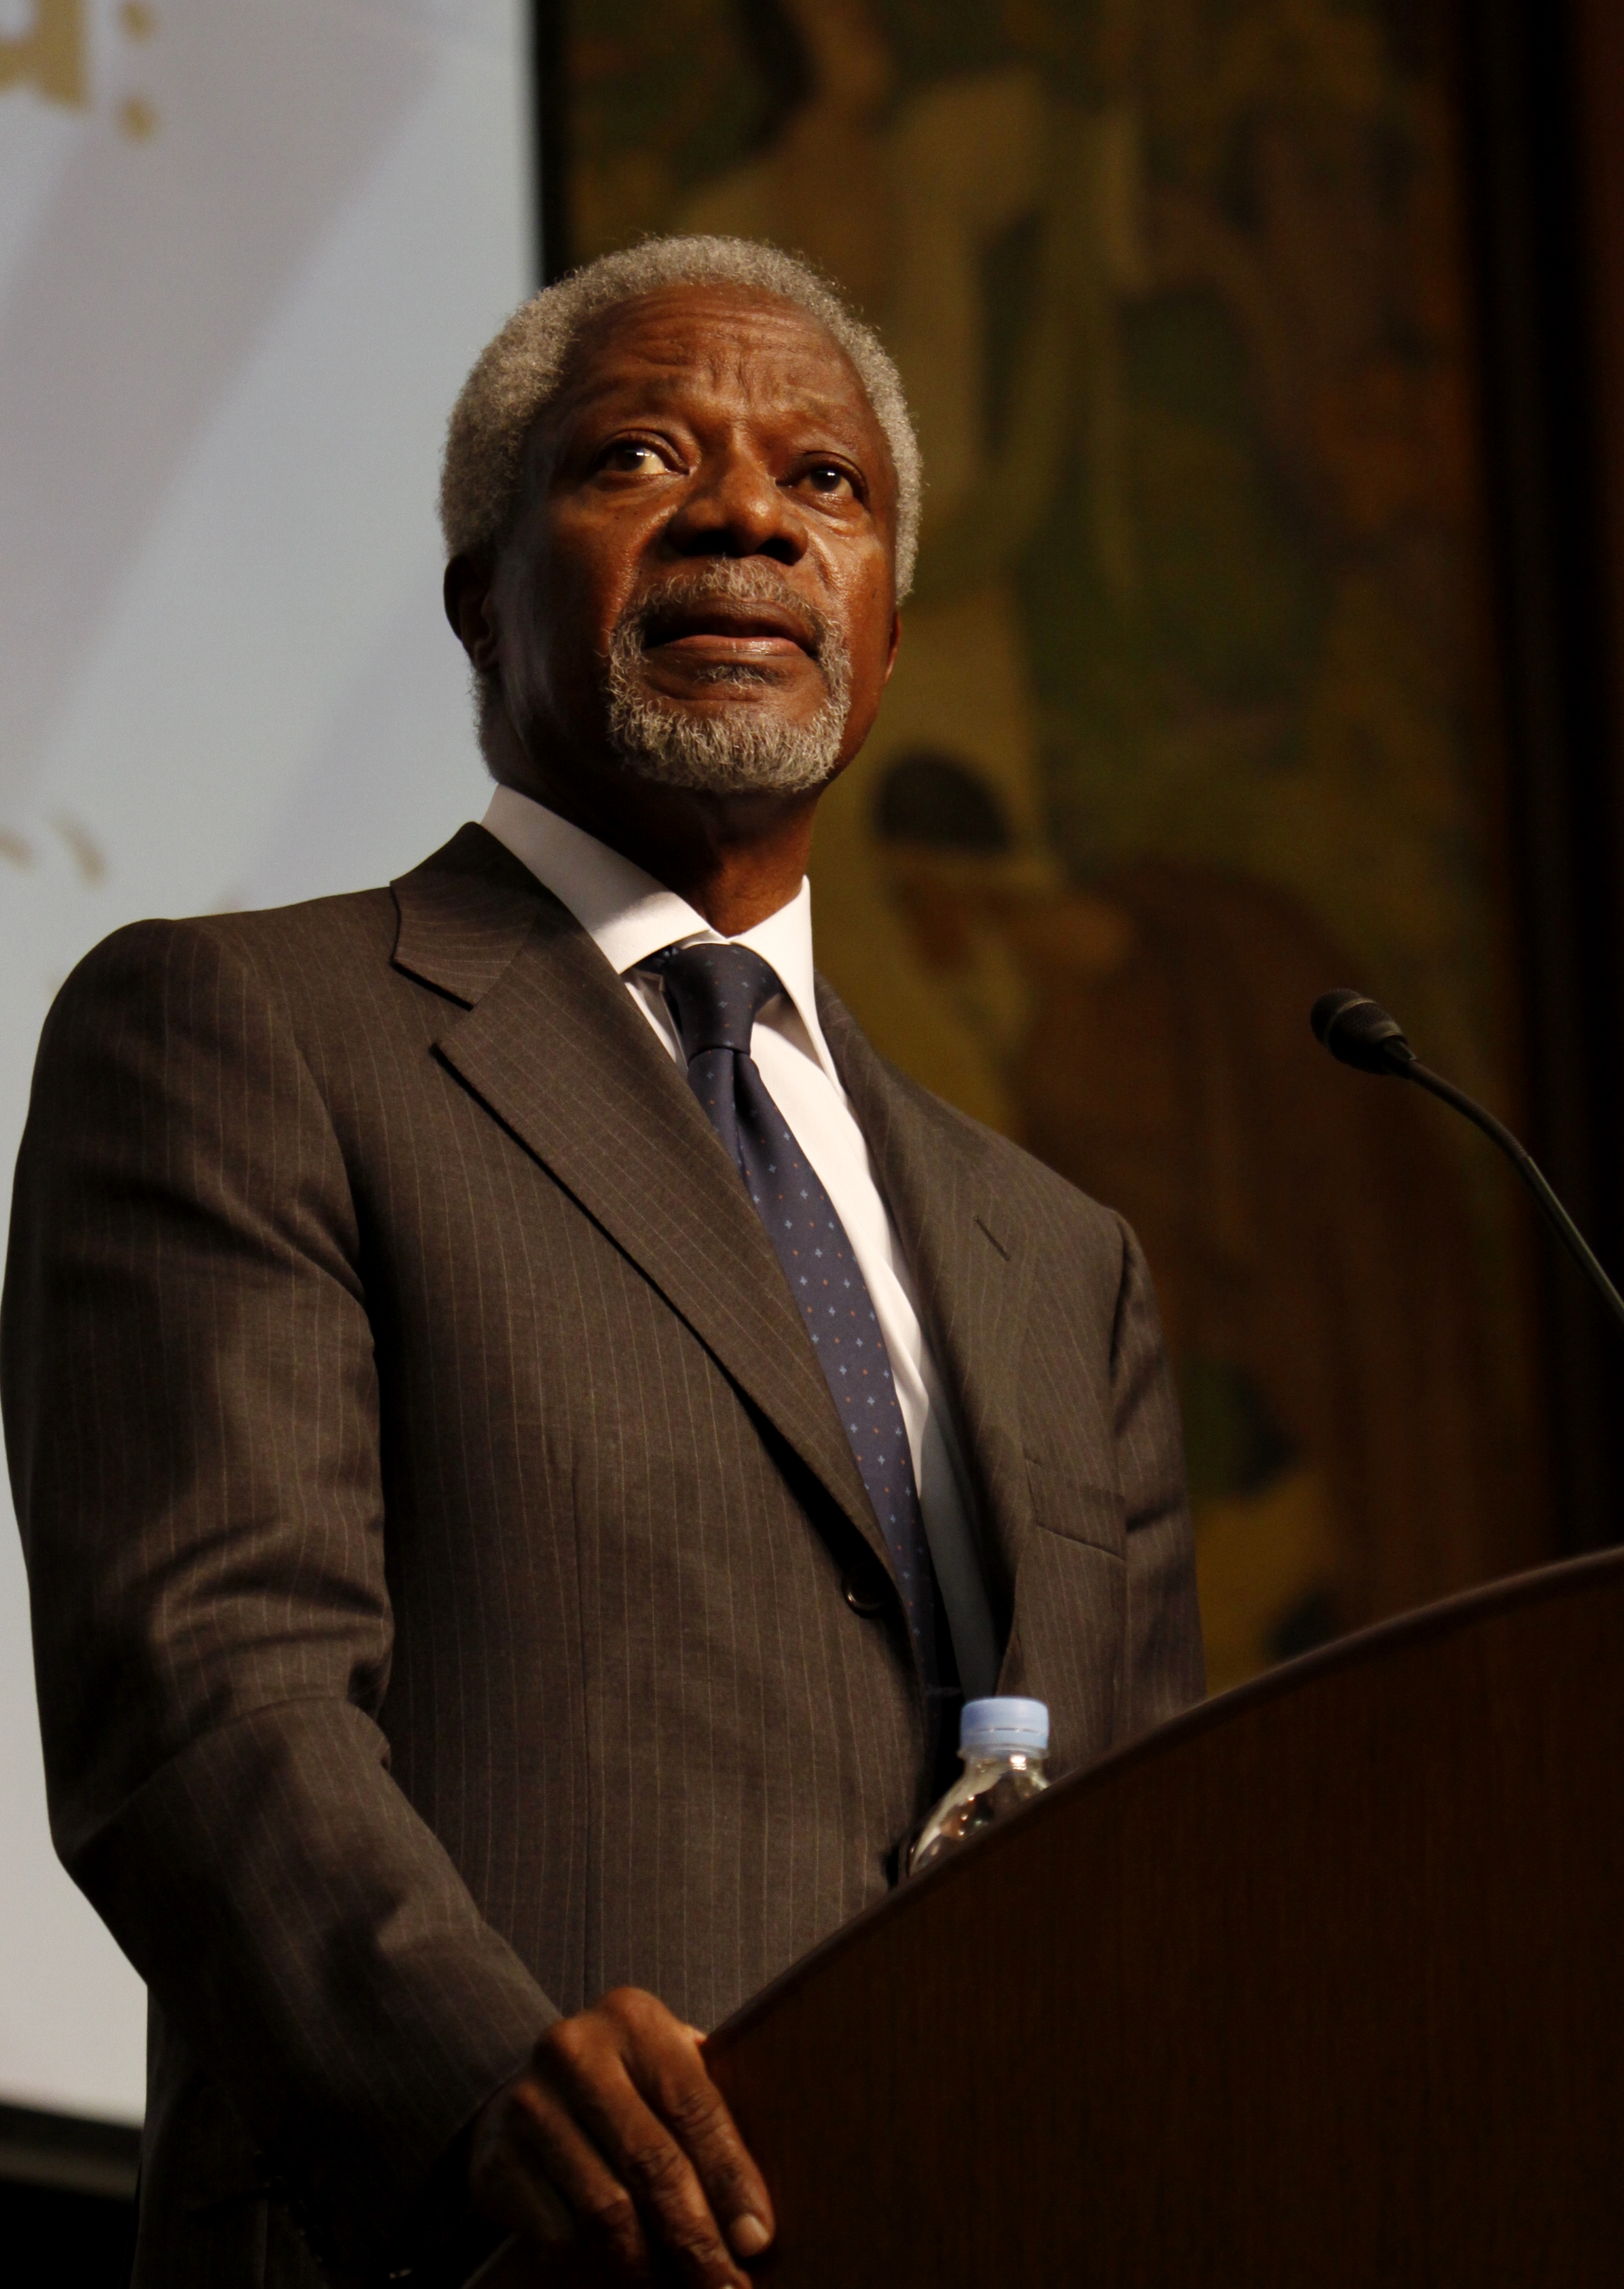 Mr. Annan at Tokyo University 2 (3-6-2009)